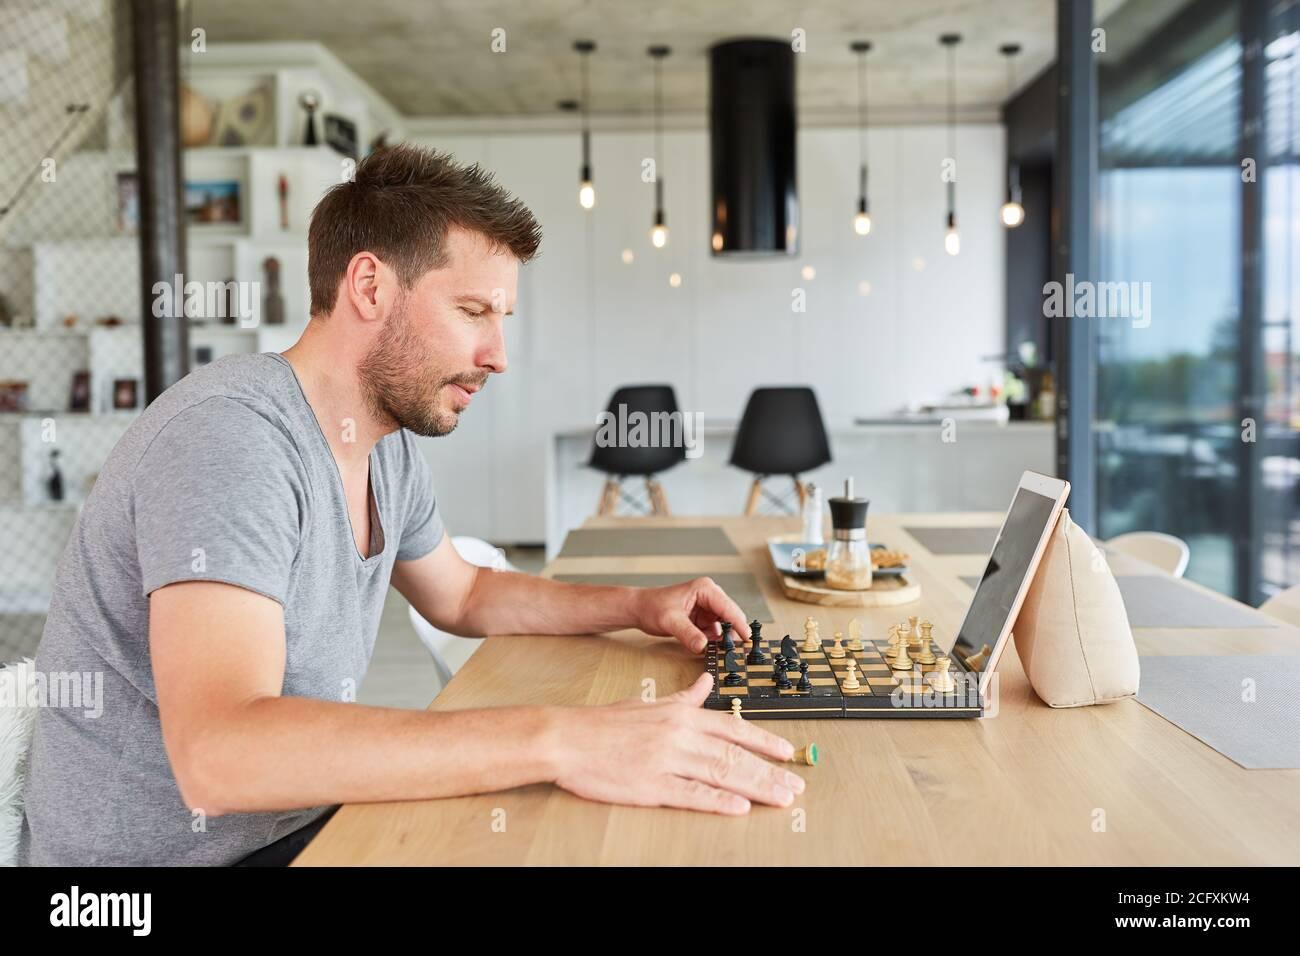 Jeune homme jouant aux échecs dans chat vidéo en ligne à la maison dans le salon Banque D'Images